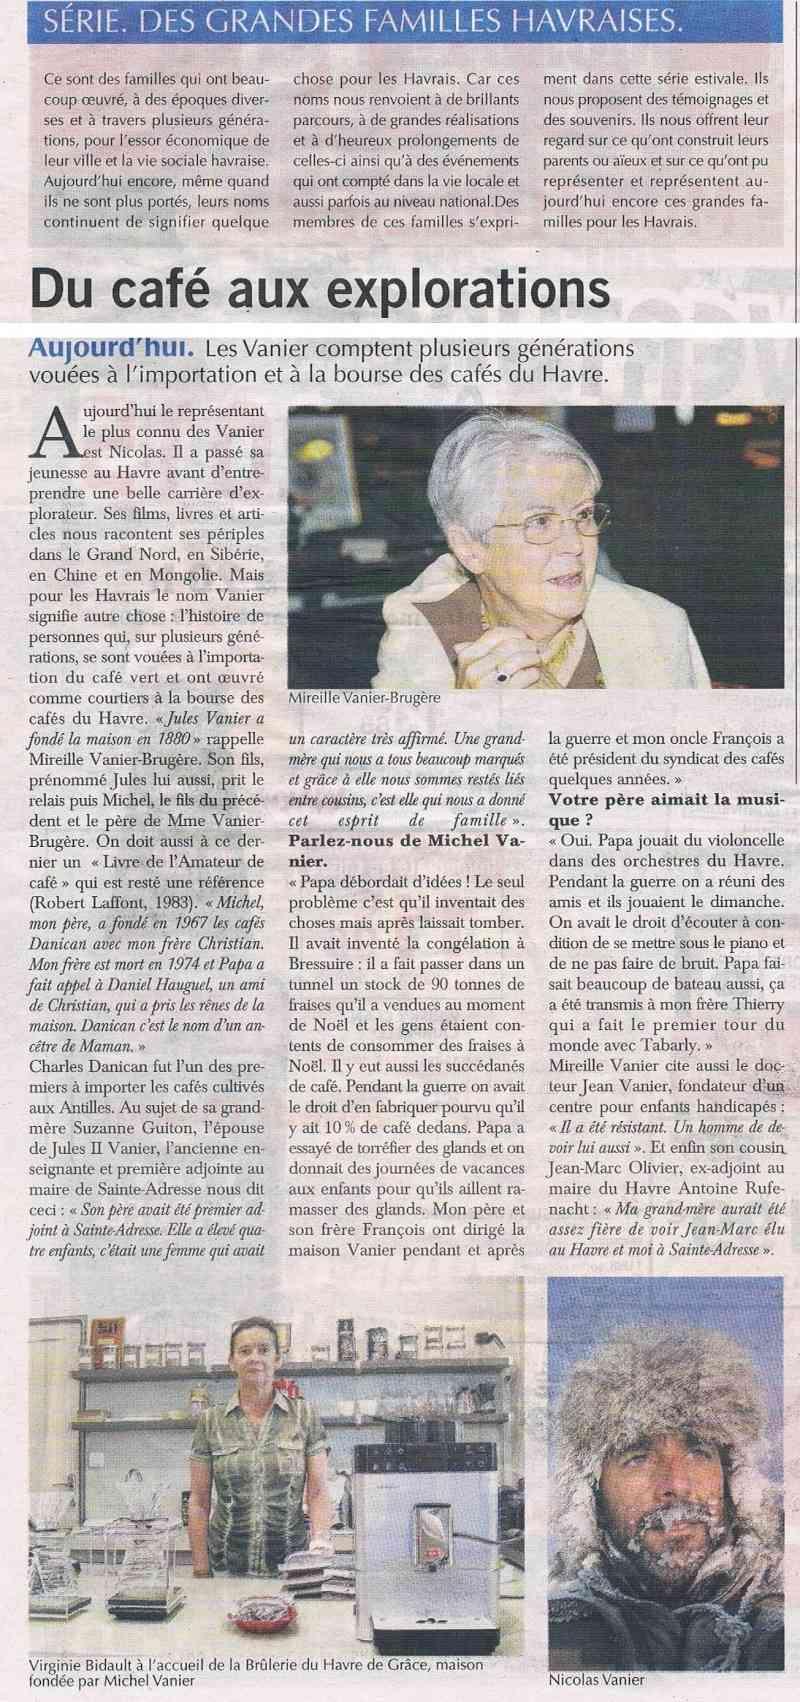 delamare - Les grandes familles Havraises 2015-022